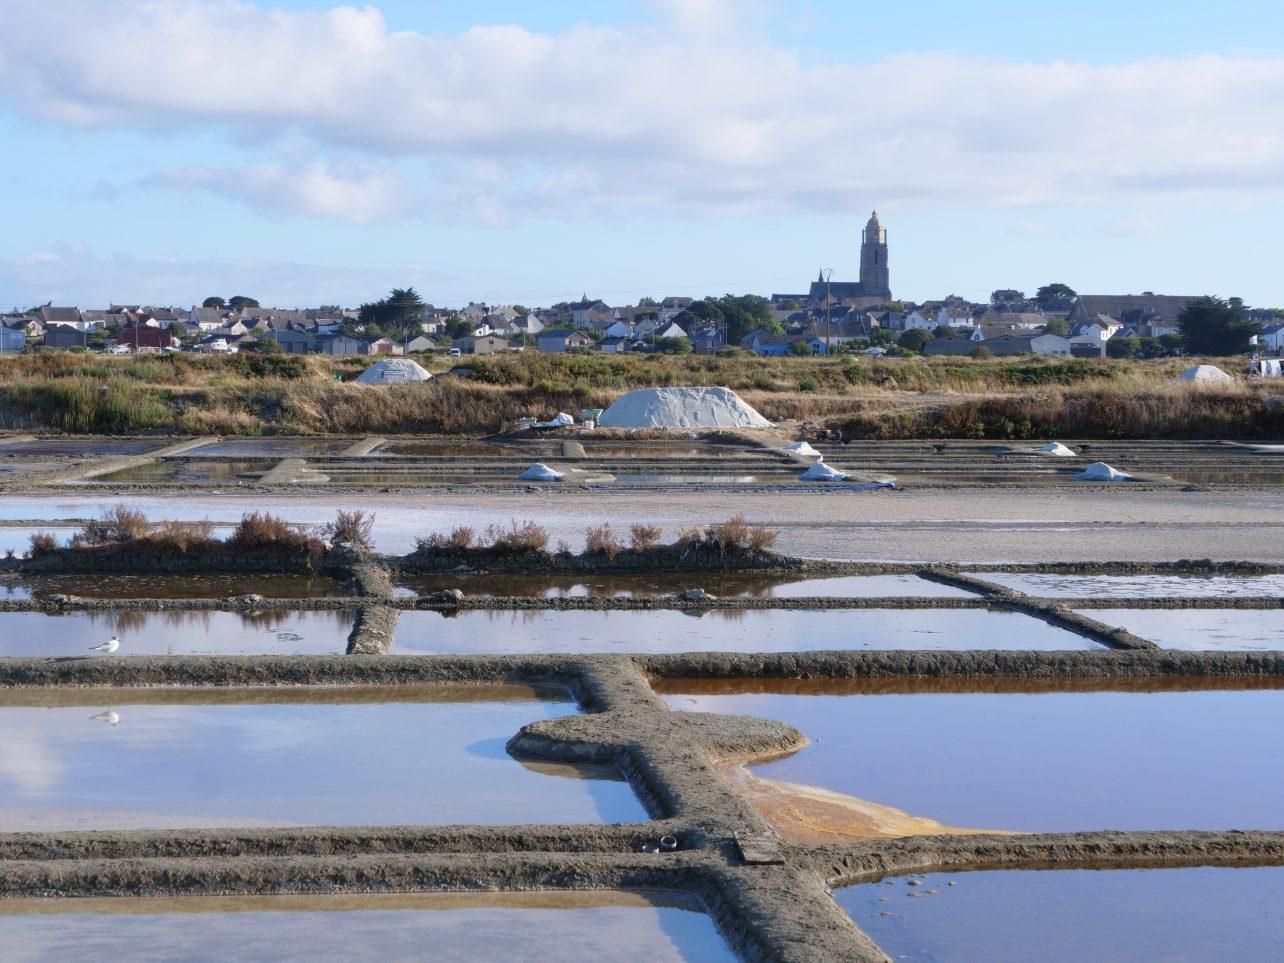 Les marais où s'évaporent l'eau de mer et où cristallise le sel.